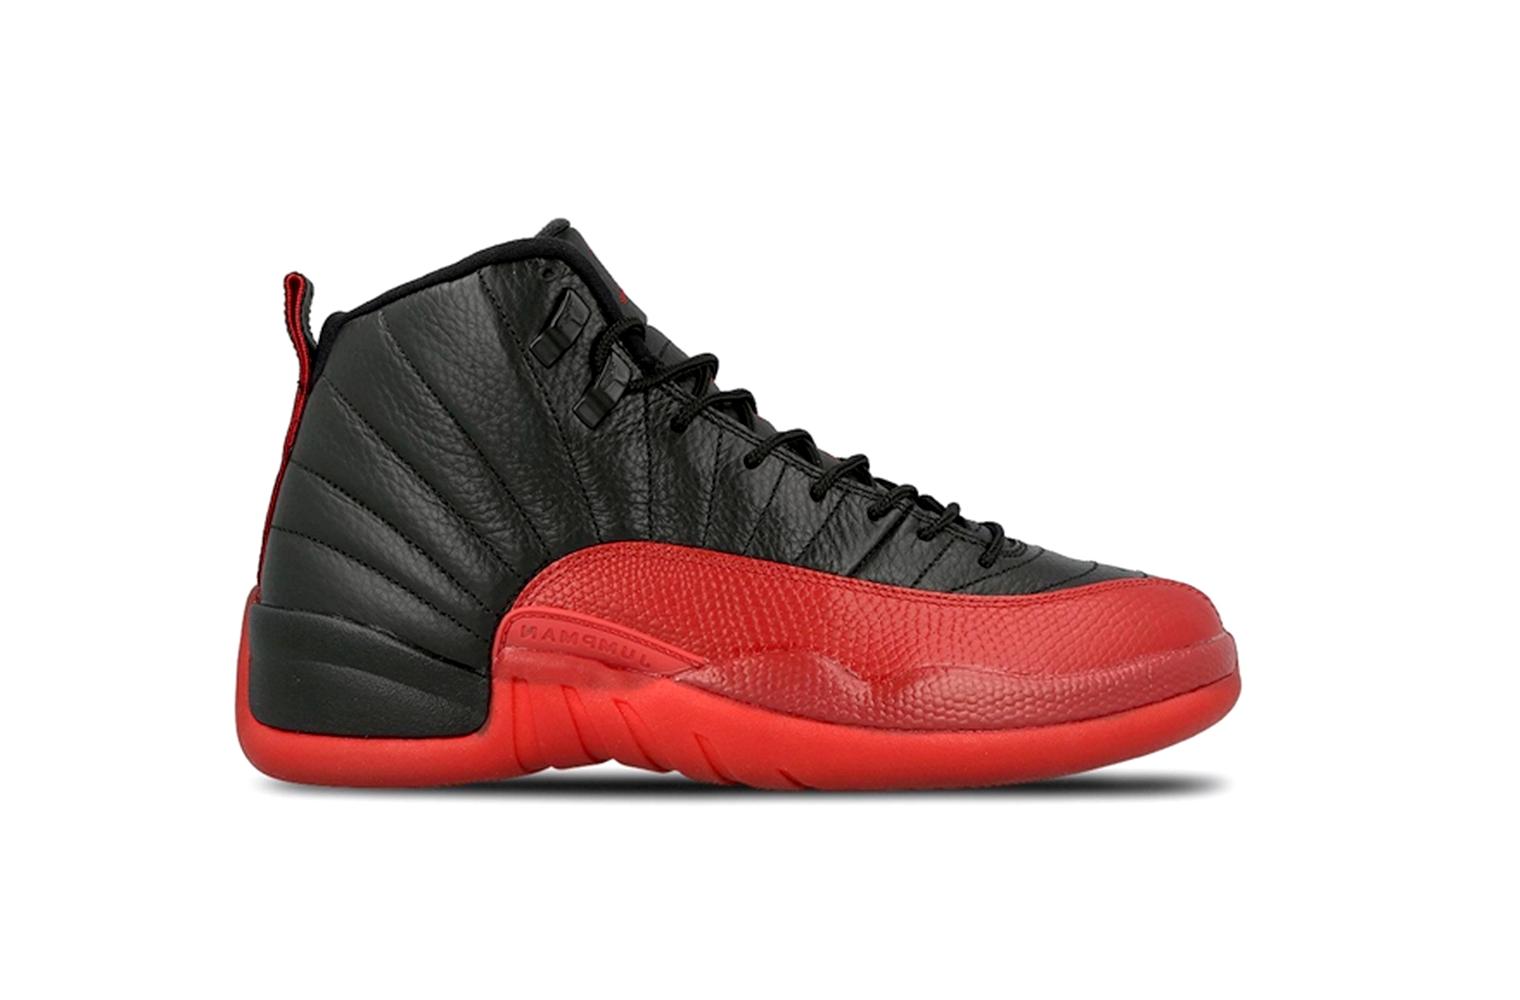 самые дорогие кроссовки – Air Jordan 12 Retro «Flu-Game» (3 место)